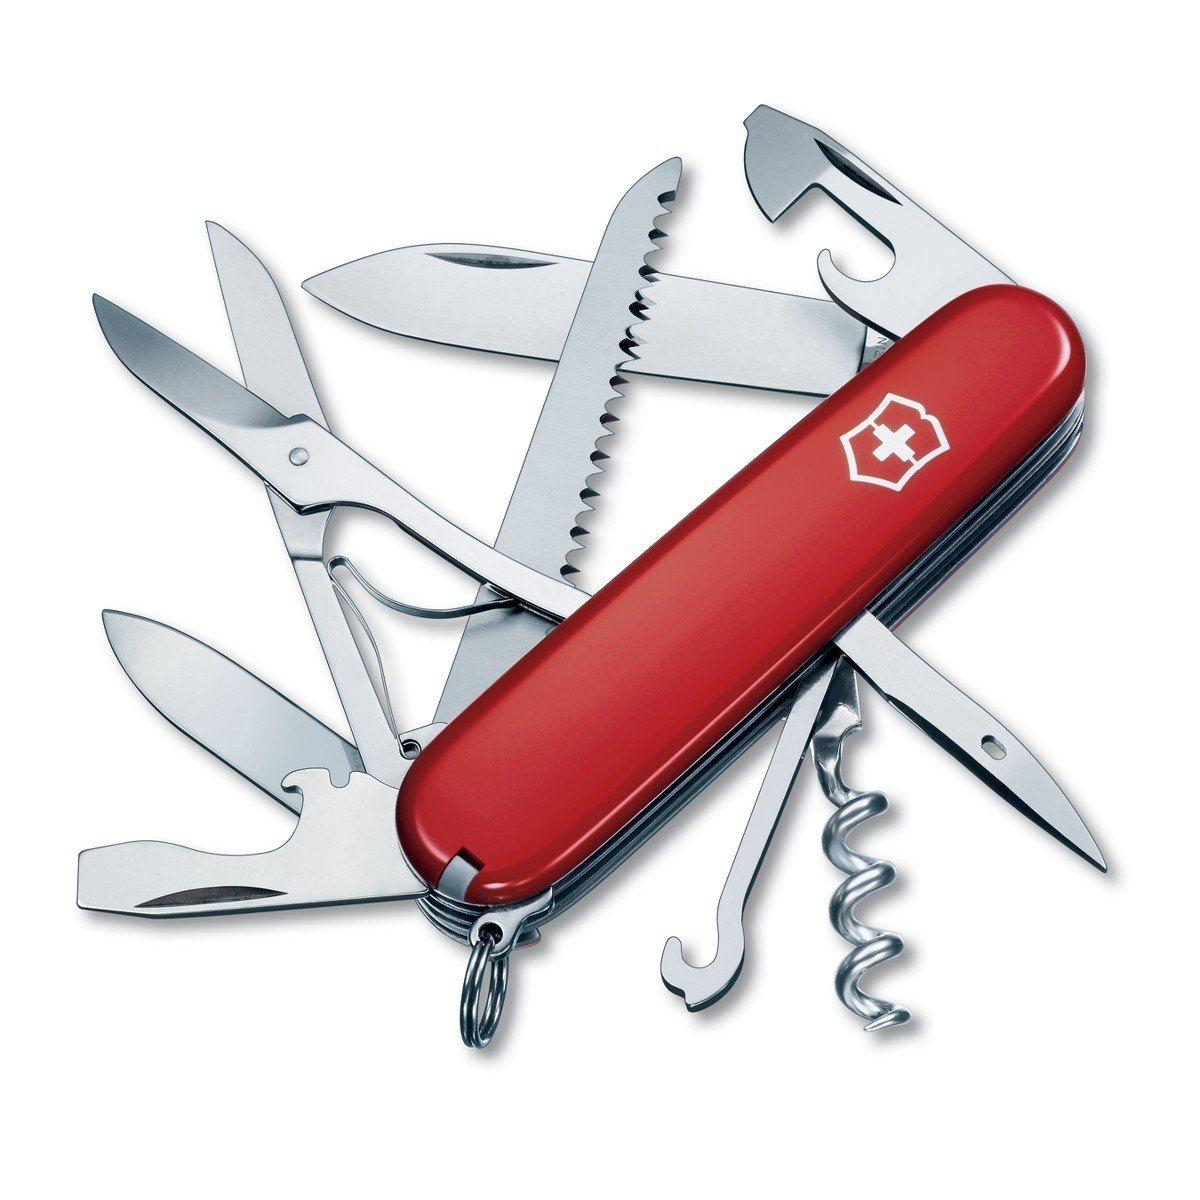 Victorinox Schweizer Taschenmesser. Verschiedene Funktionen